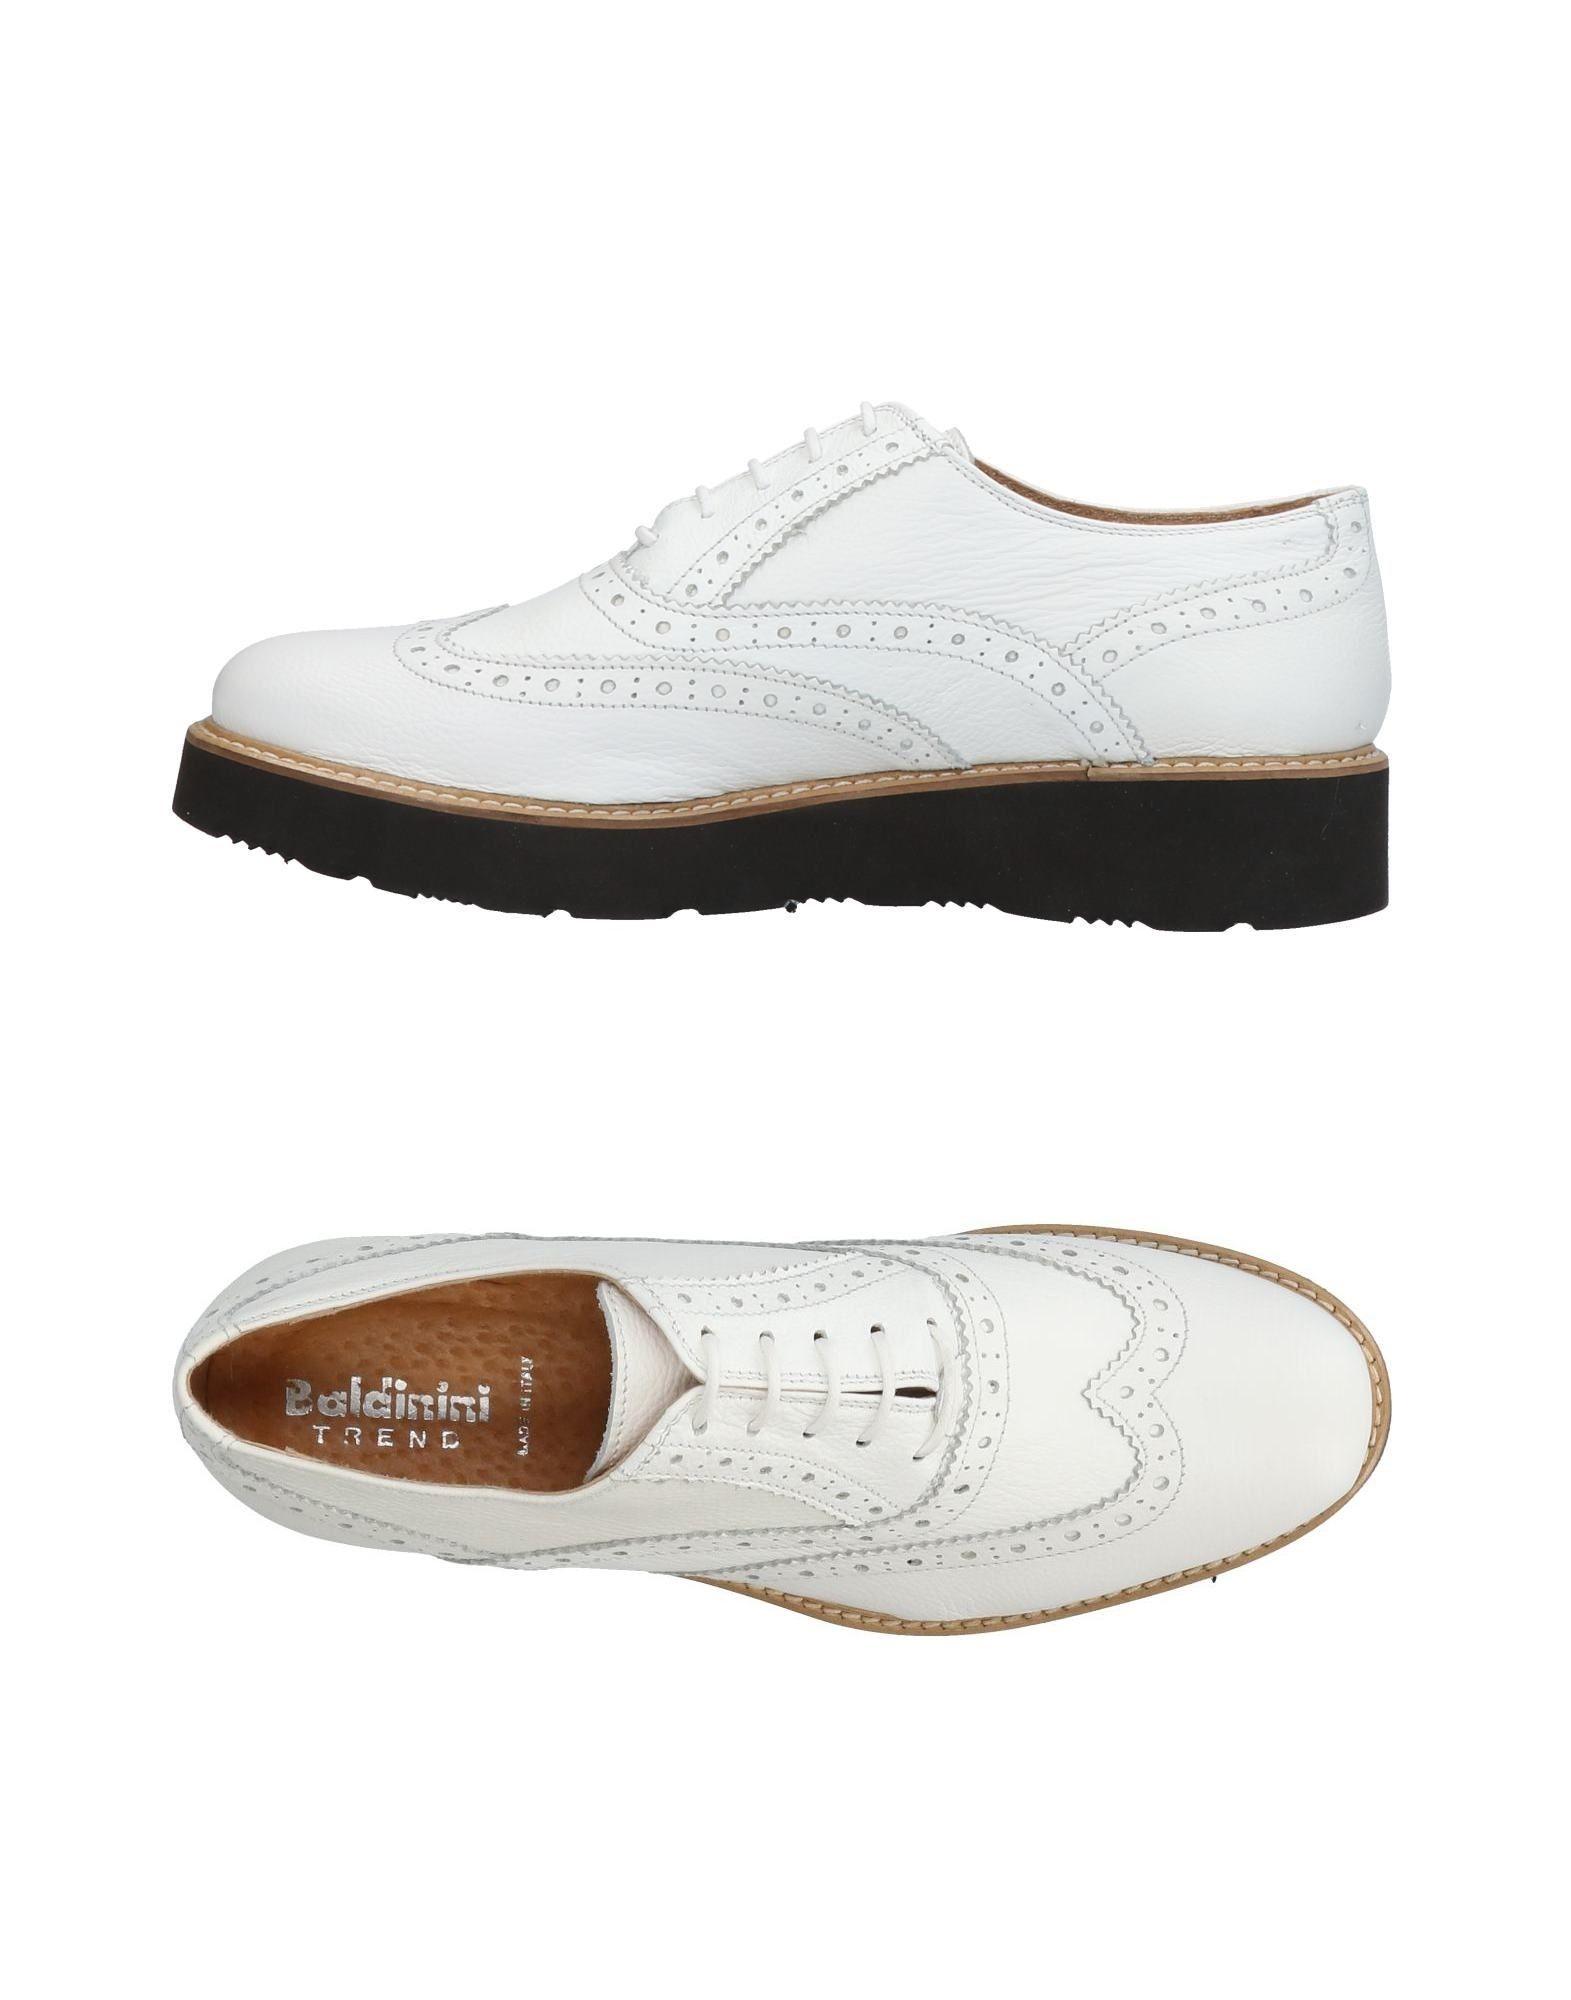 BALDININI TREND Обувь на шнурках baldinini удобные черные кроссовки с лакированным носком на шнурках от бренда baldinini